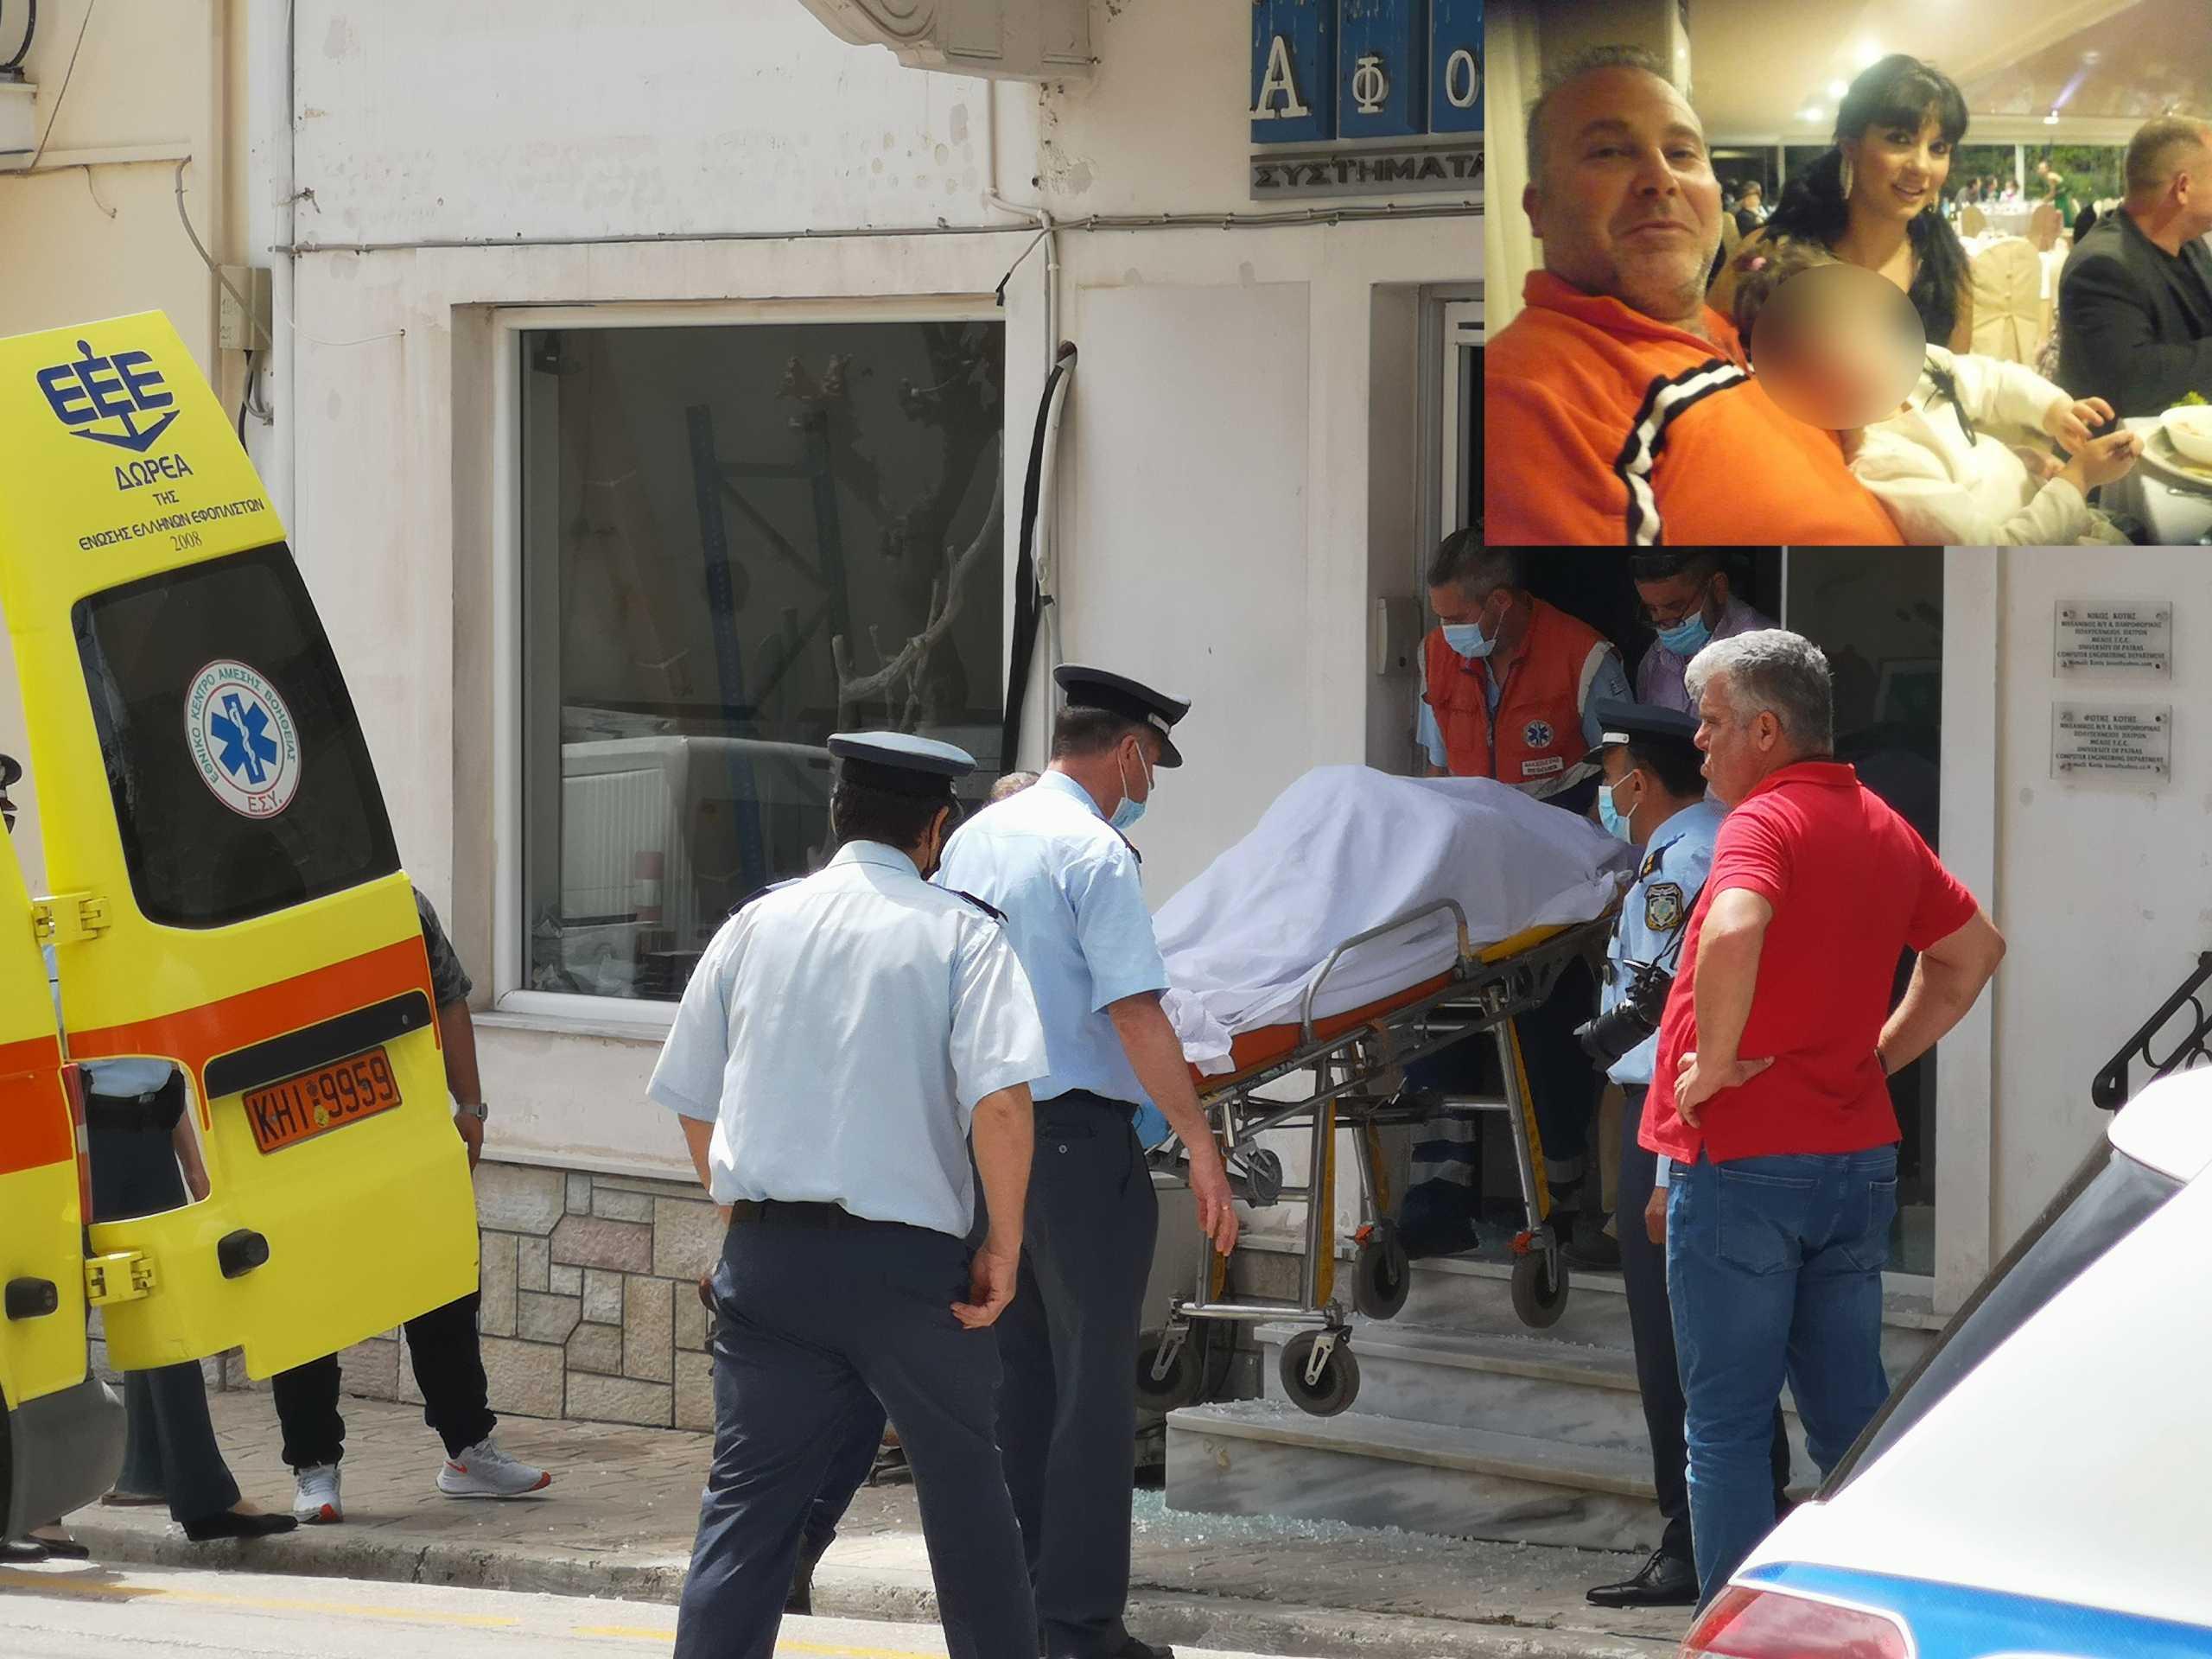 Αξιωματικός σε ρόλο «γκάνγκστερ» στη Ζάκυνθο –Ο Ντίμης Κορφιάτης είχε κατονομάσει και 2ο αστυνομικό